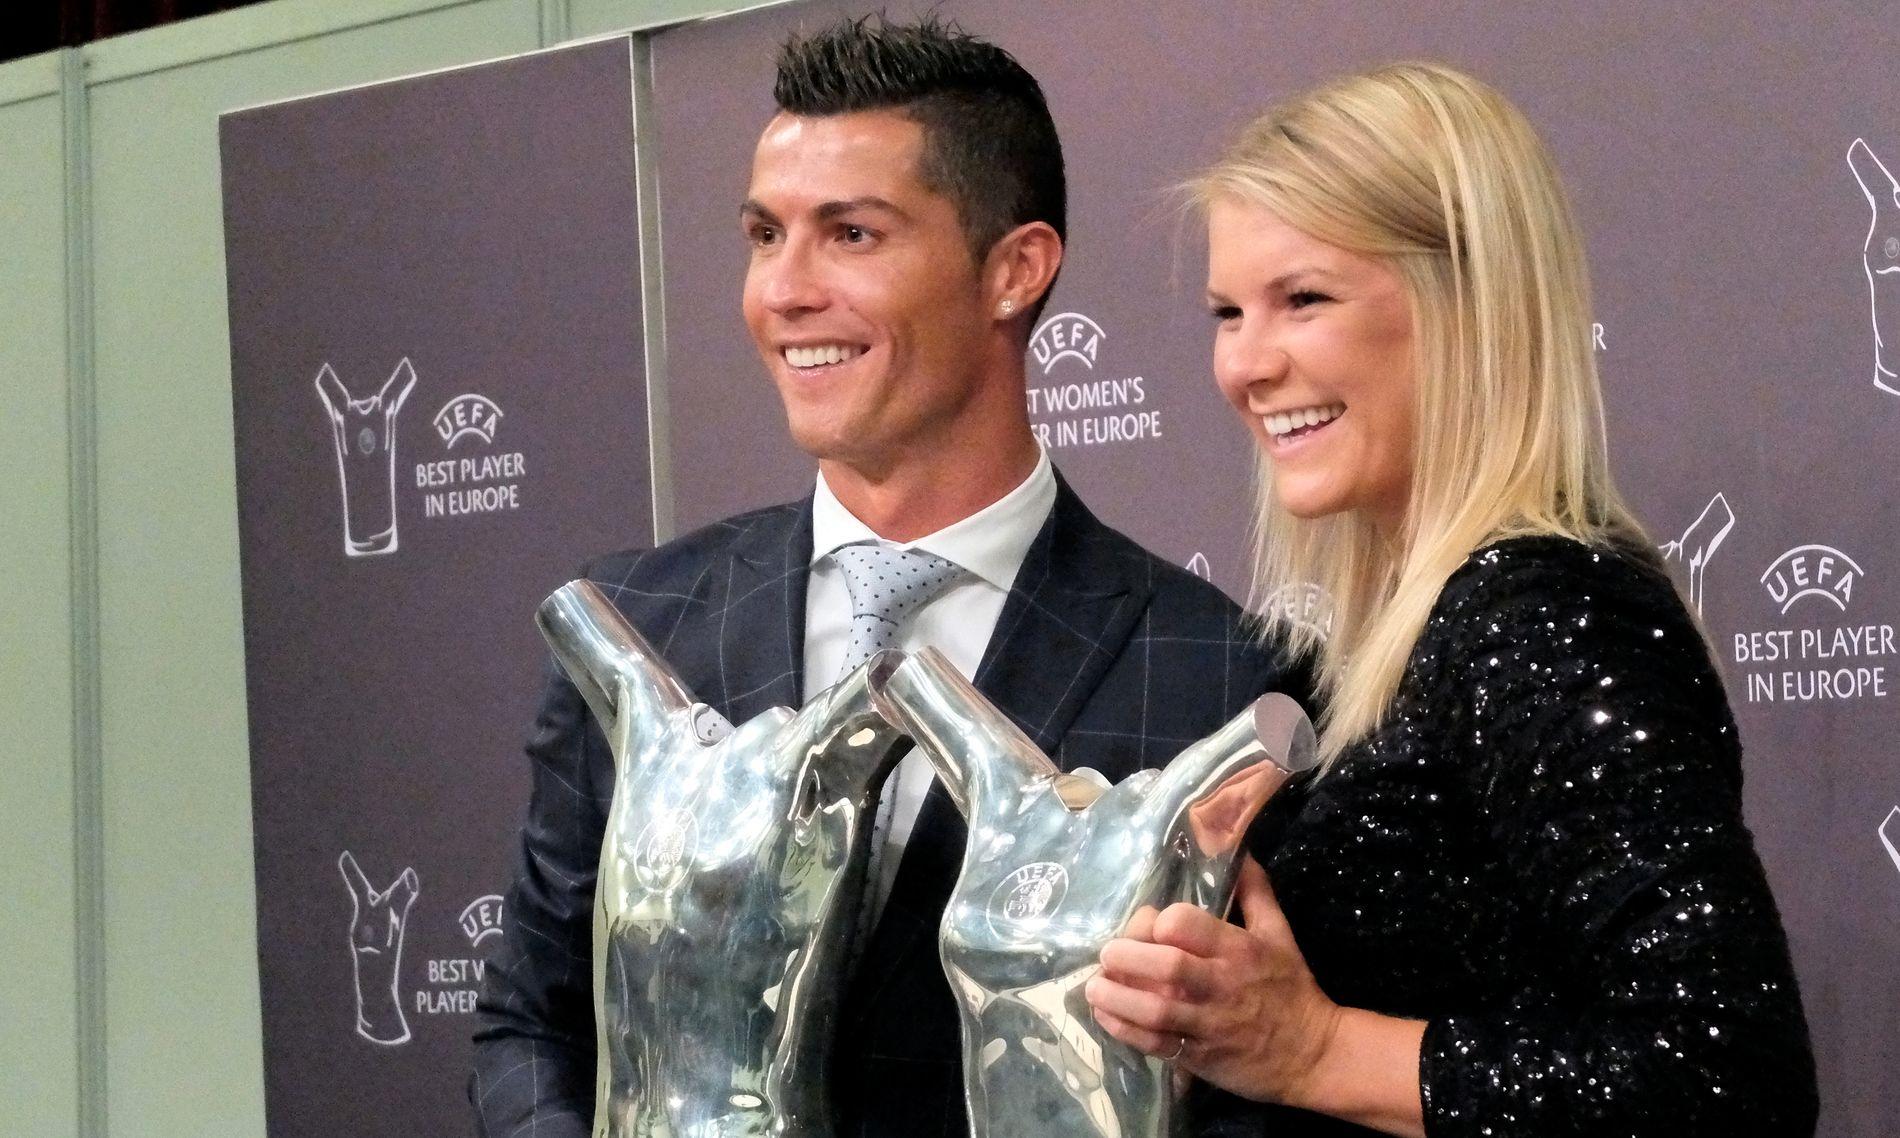 2016: Cristiano Ronaldo og Ada Hegerberg ble kåret til årets spillere i Europa i 2016. Nå kan det skje igjen.